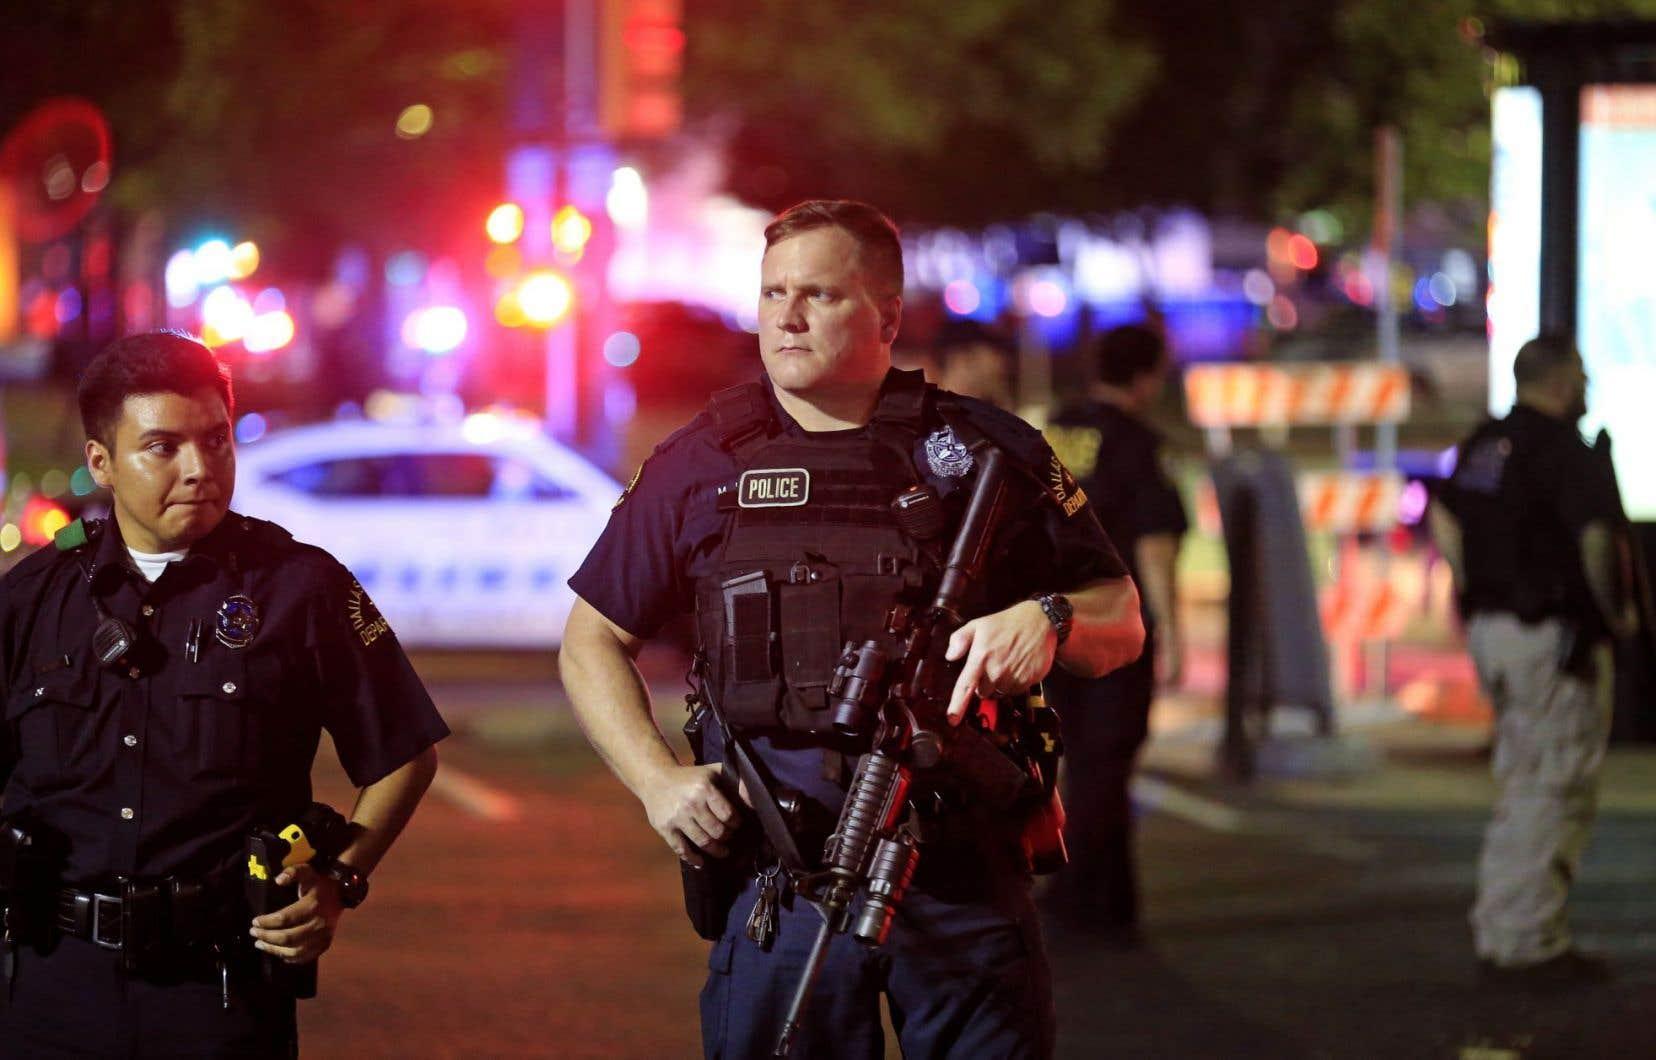 Les organisateurs de la marche de jeudi ont dénoncé la violence fulgurante de la fusillade, qui visait les policiers.